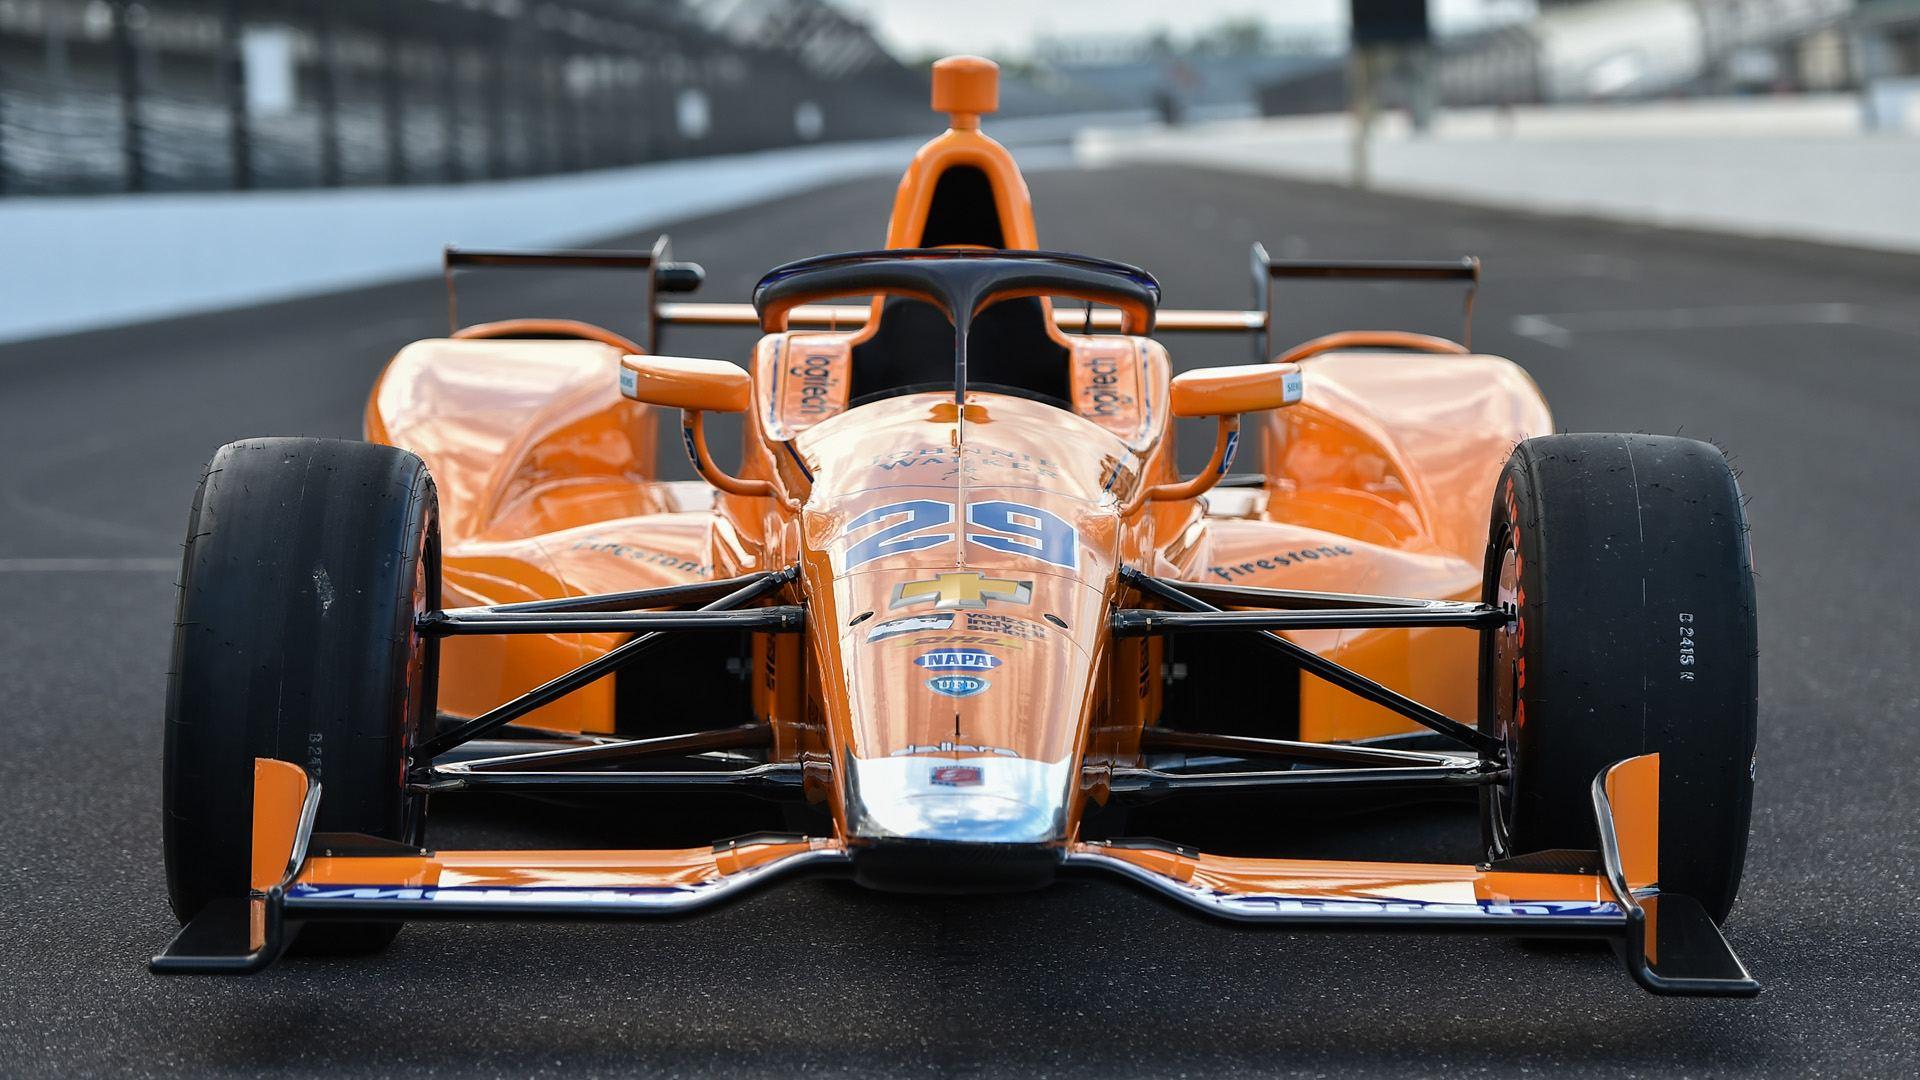 La IndyCar introduce el HALO con la llegada de ALO